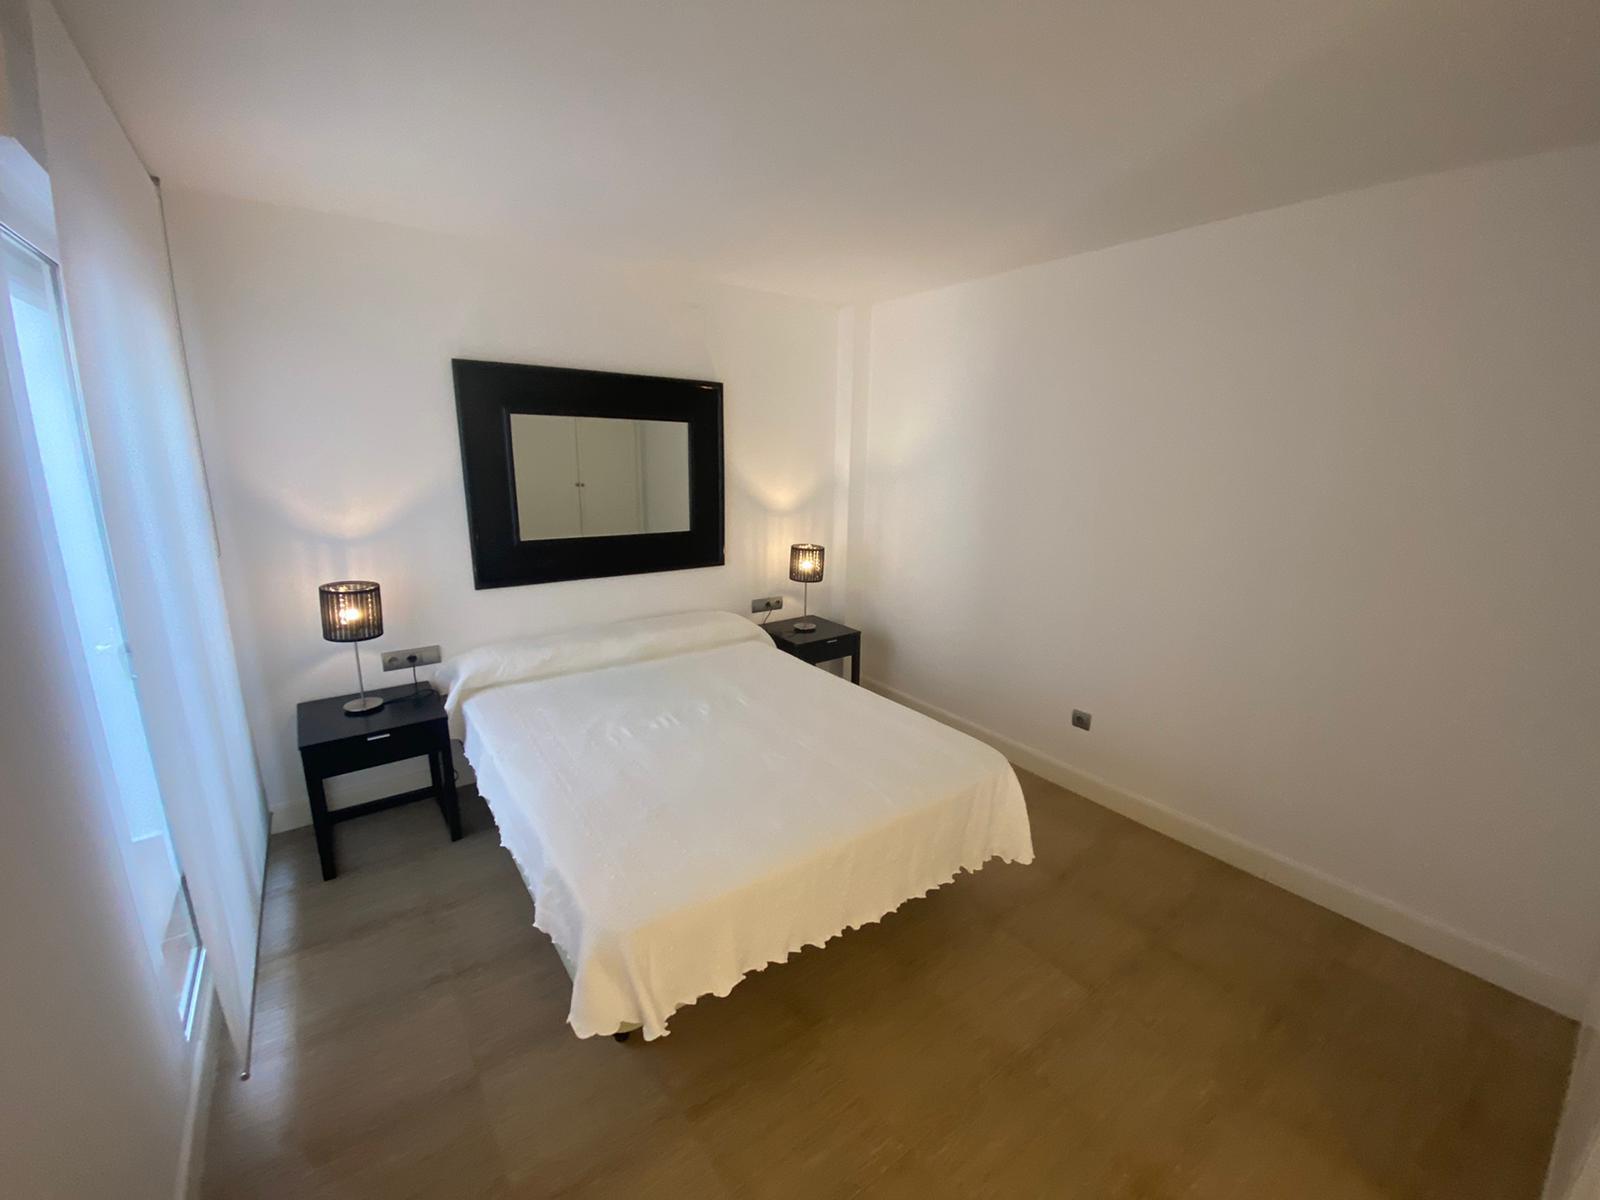 Imagen 6 del Apartamento Turístico, Ático 1 Levante (3d+2b), Punta del Moral (HUELVA), Paseo de la Cruz nº22